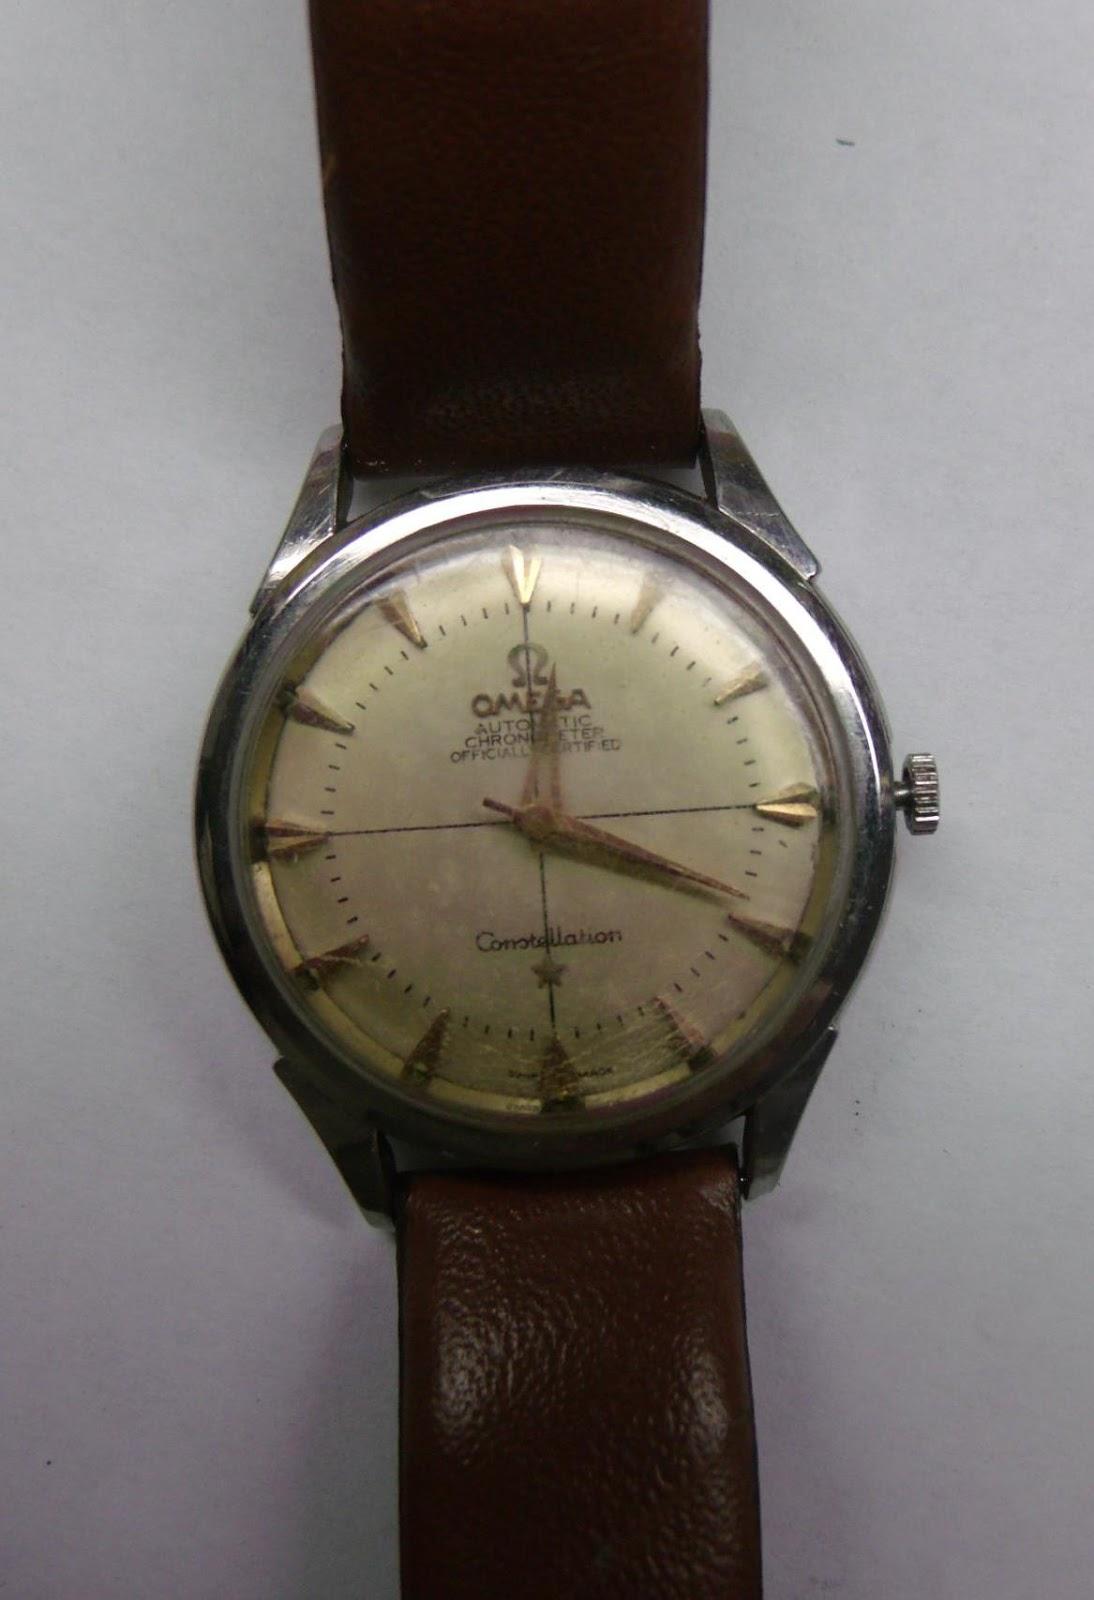 8d9858225fd Relógio de pulso Omega constellation caixa de aço. Ano de fabricação 1958.